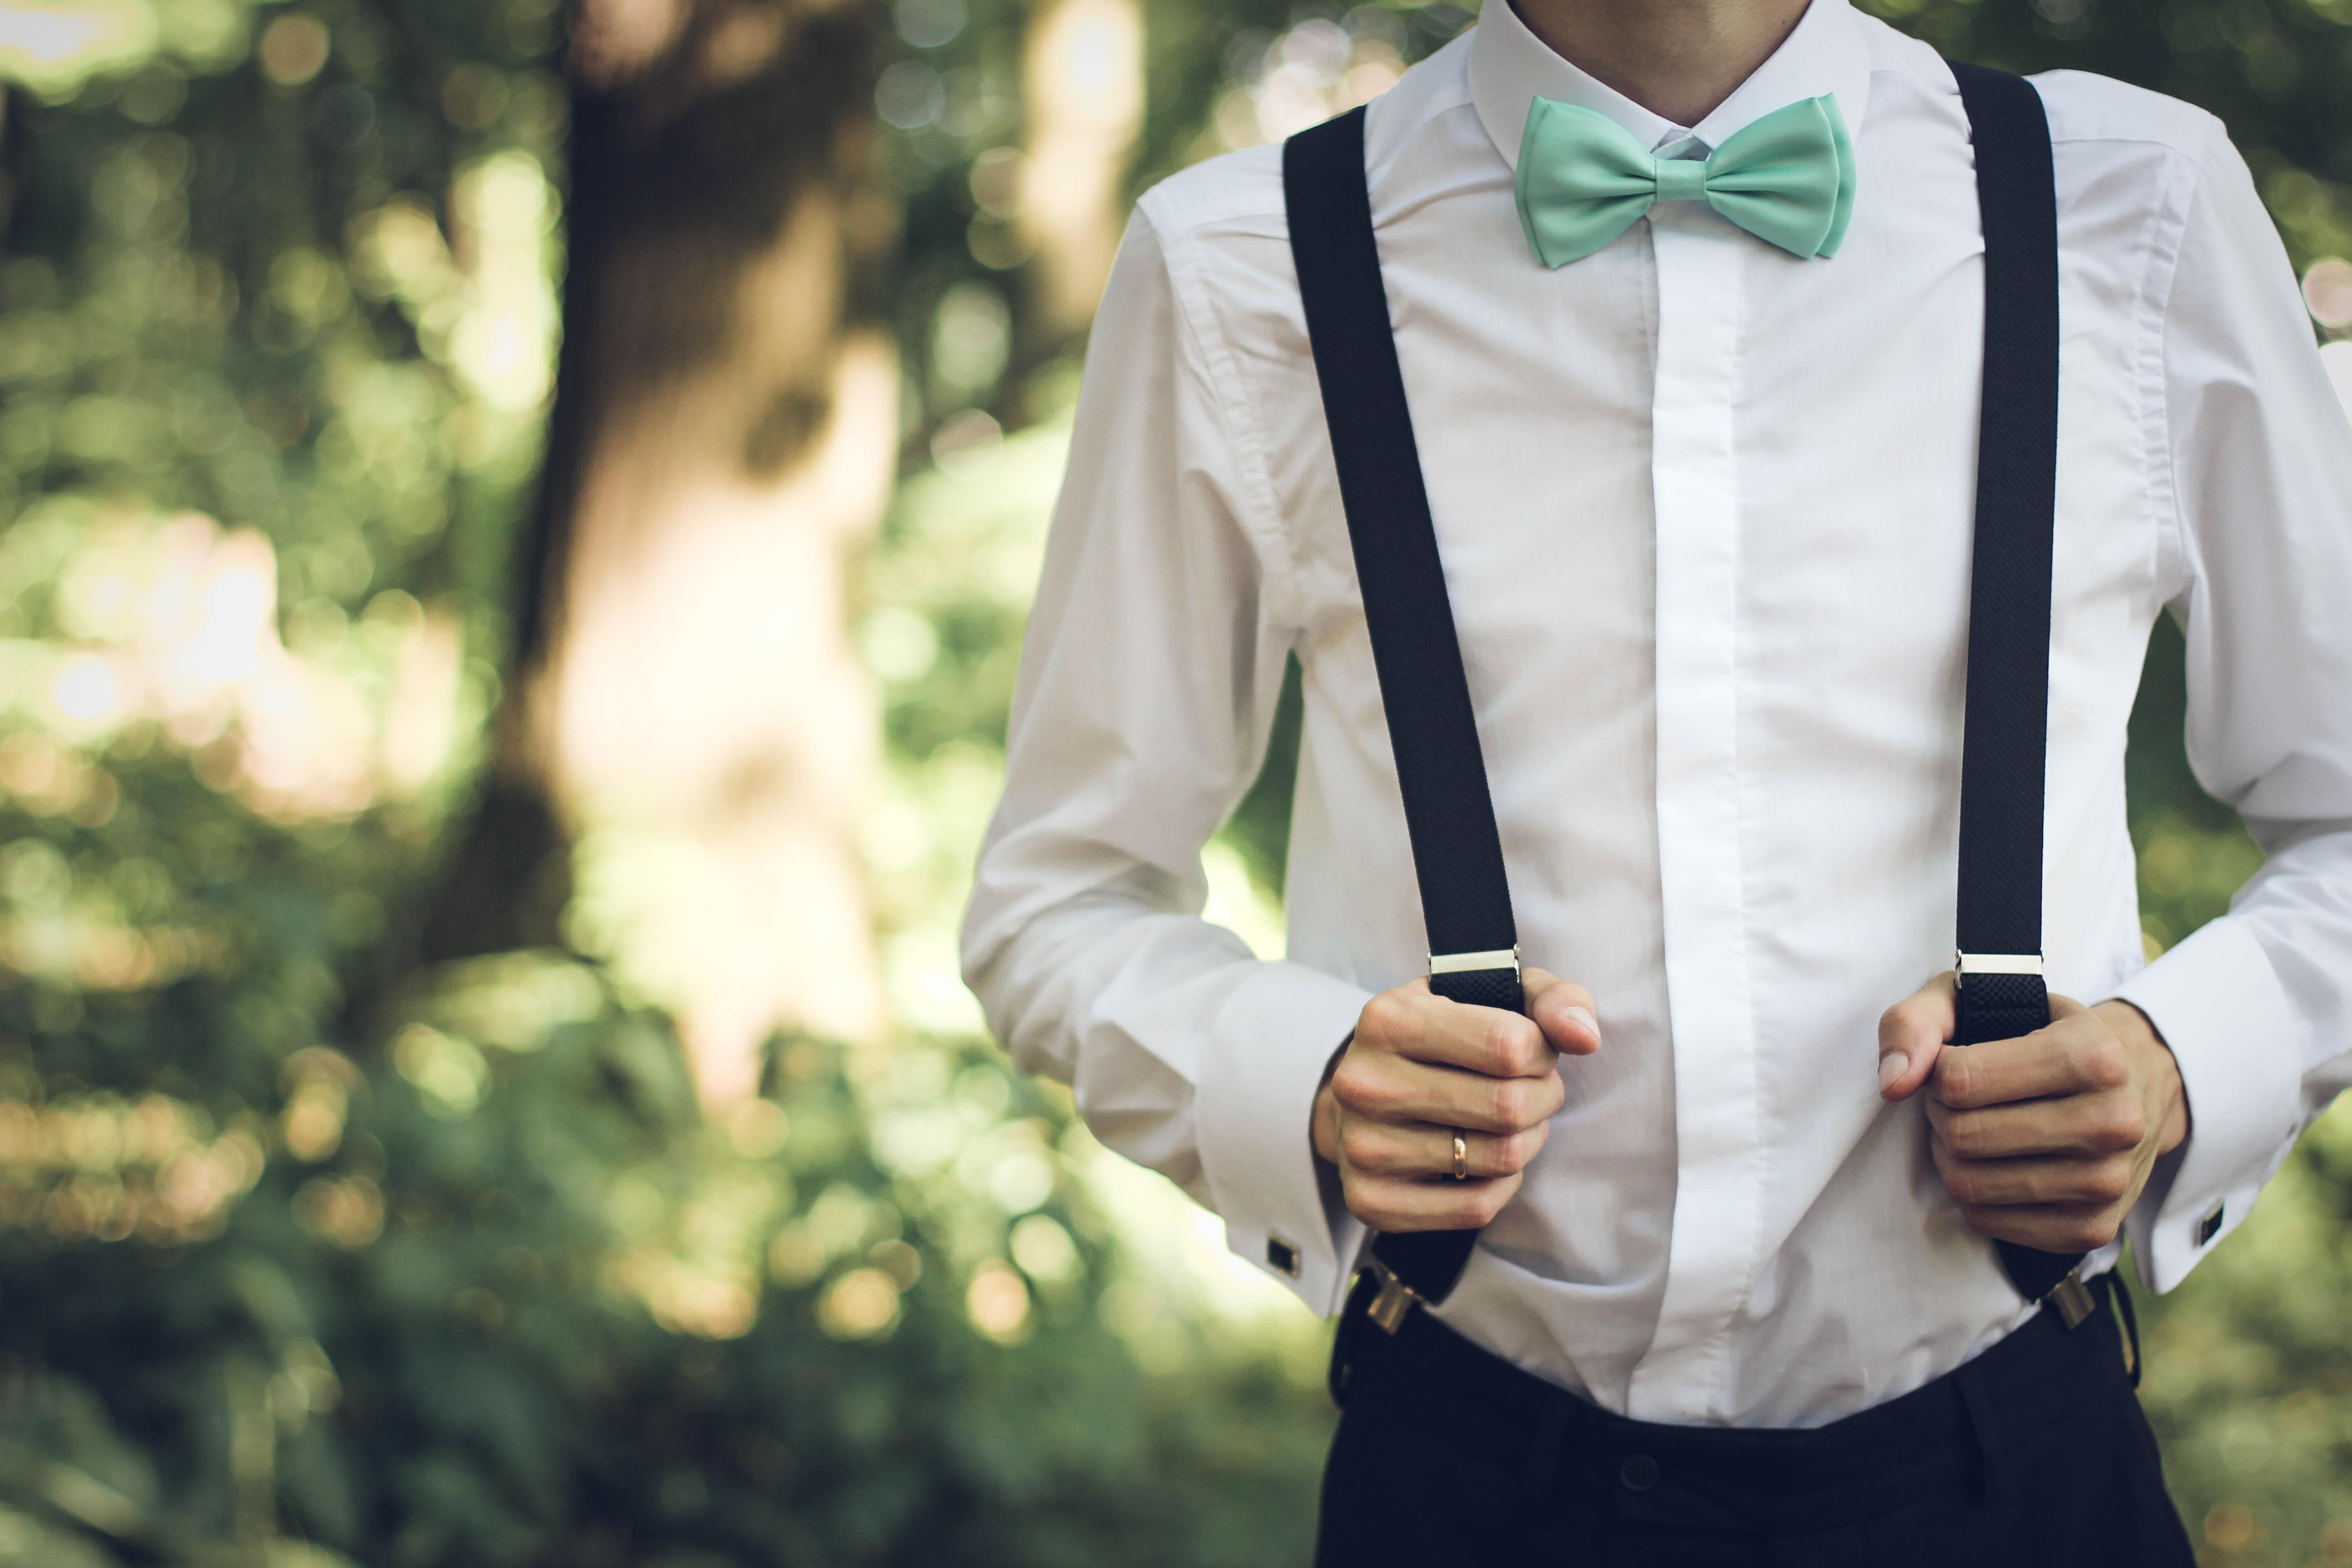 Matrimonio: intimo, riservato e se fosse anche in gran segreto?